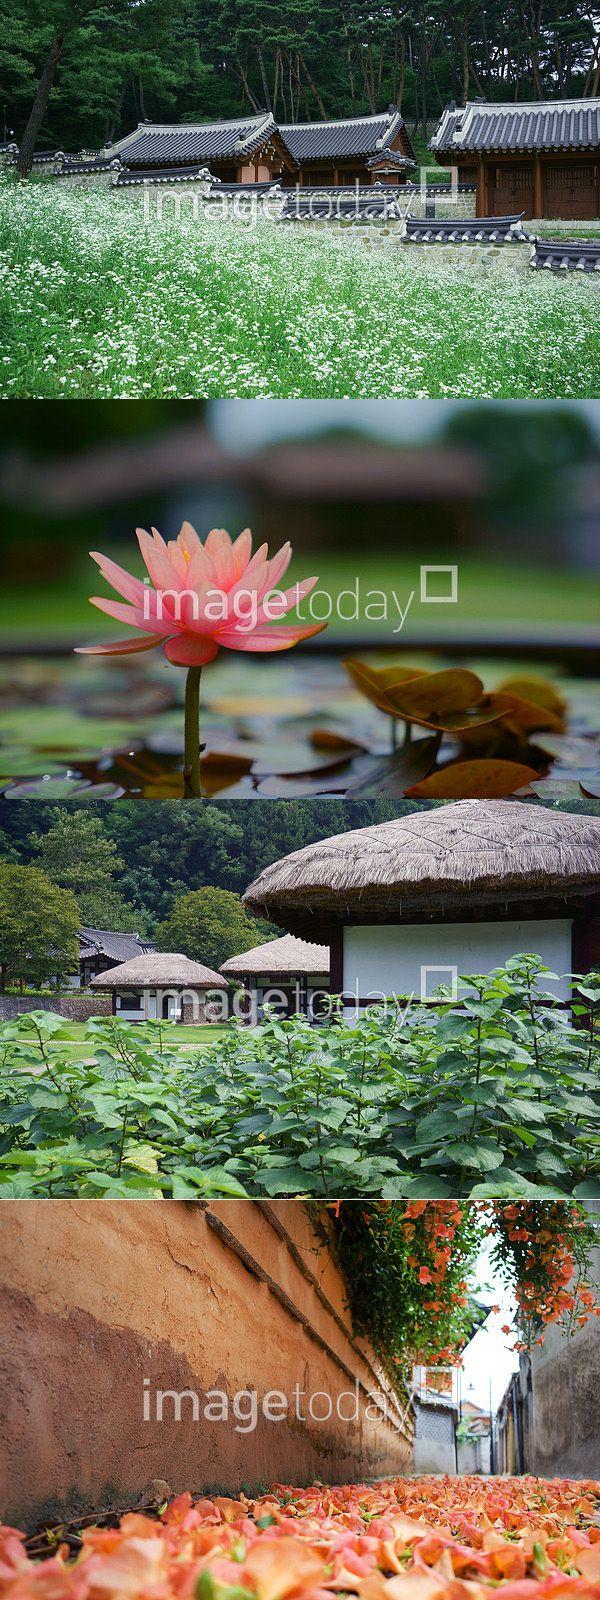 사진 #이미지투데이 #imagetoday #클립아트코리아 #clipartkorea #통로이미지 #tongroimages 국내 꽃 낮 분홍 연꽃 자연 컨셉 한국 경치 실외 아웃포커스 초가집 초가 전통 오래된 나무 여름 담장 골목 noon pink lotus nature concpet korea scenery outside outfocus traditional wood summer fence